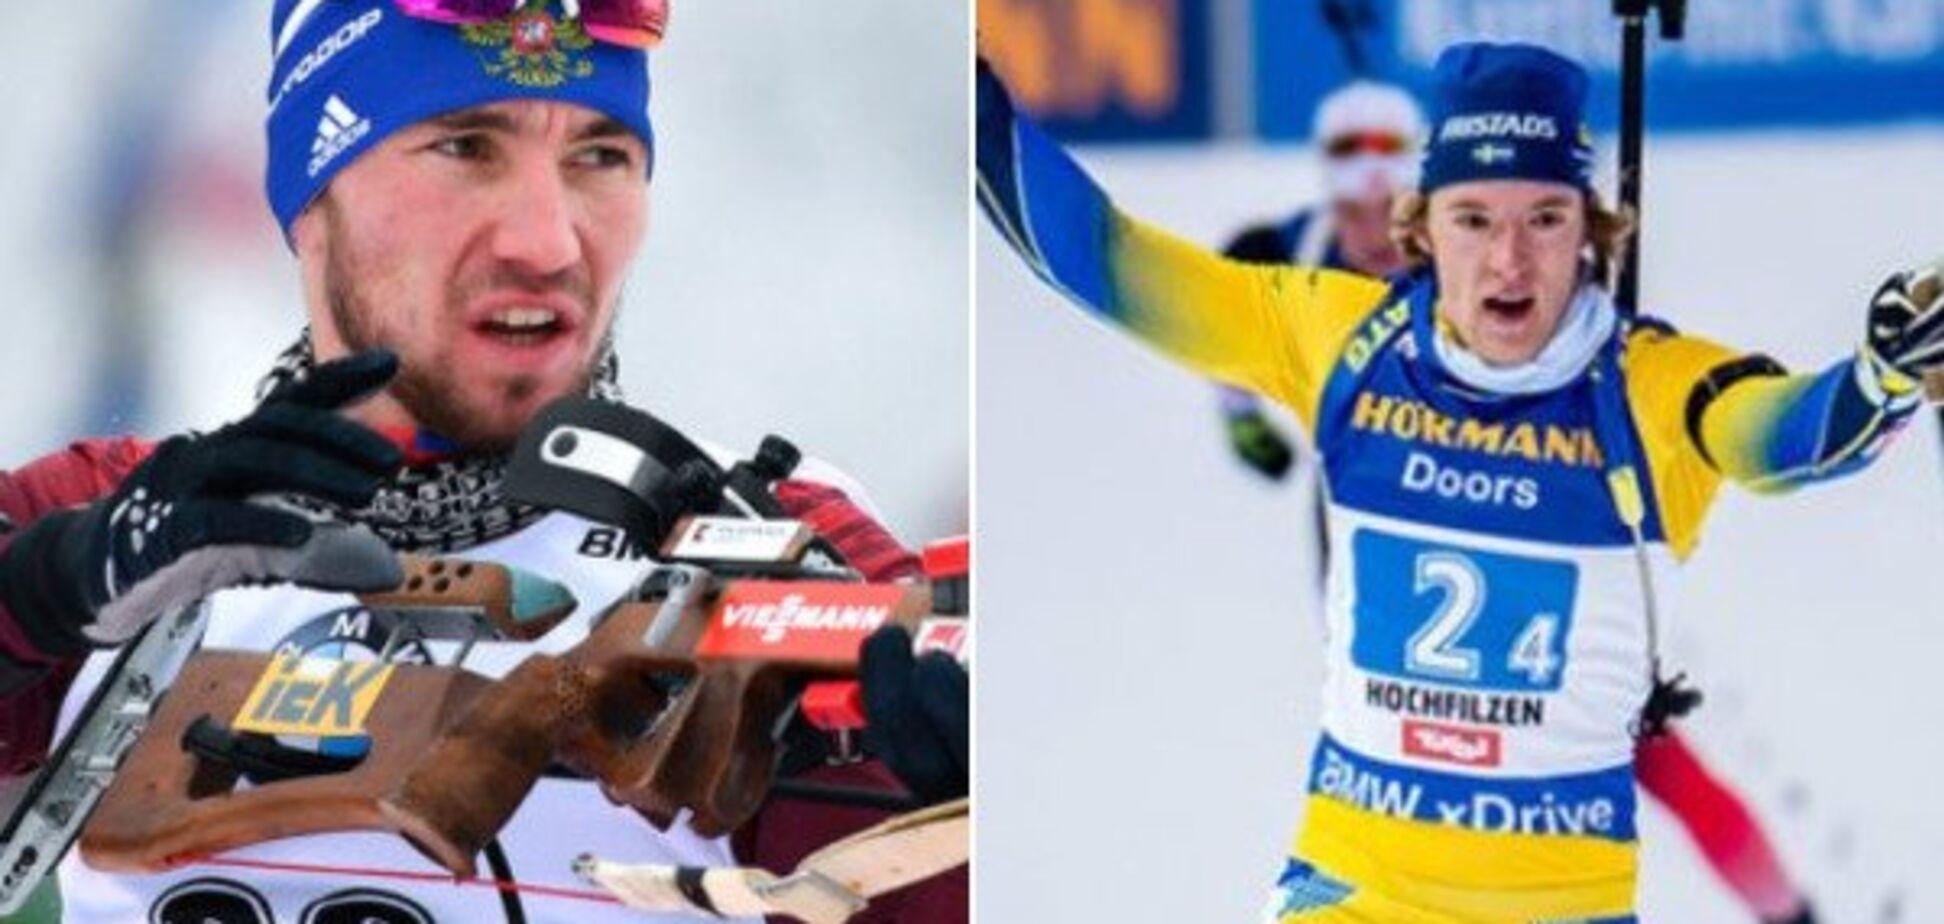 ''Ему не место'': биатлониста из РФ затравили из-за допинга